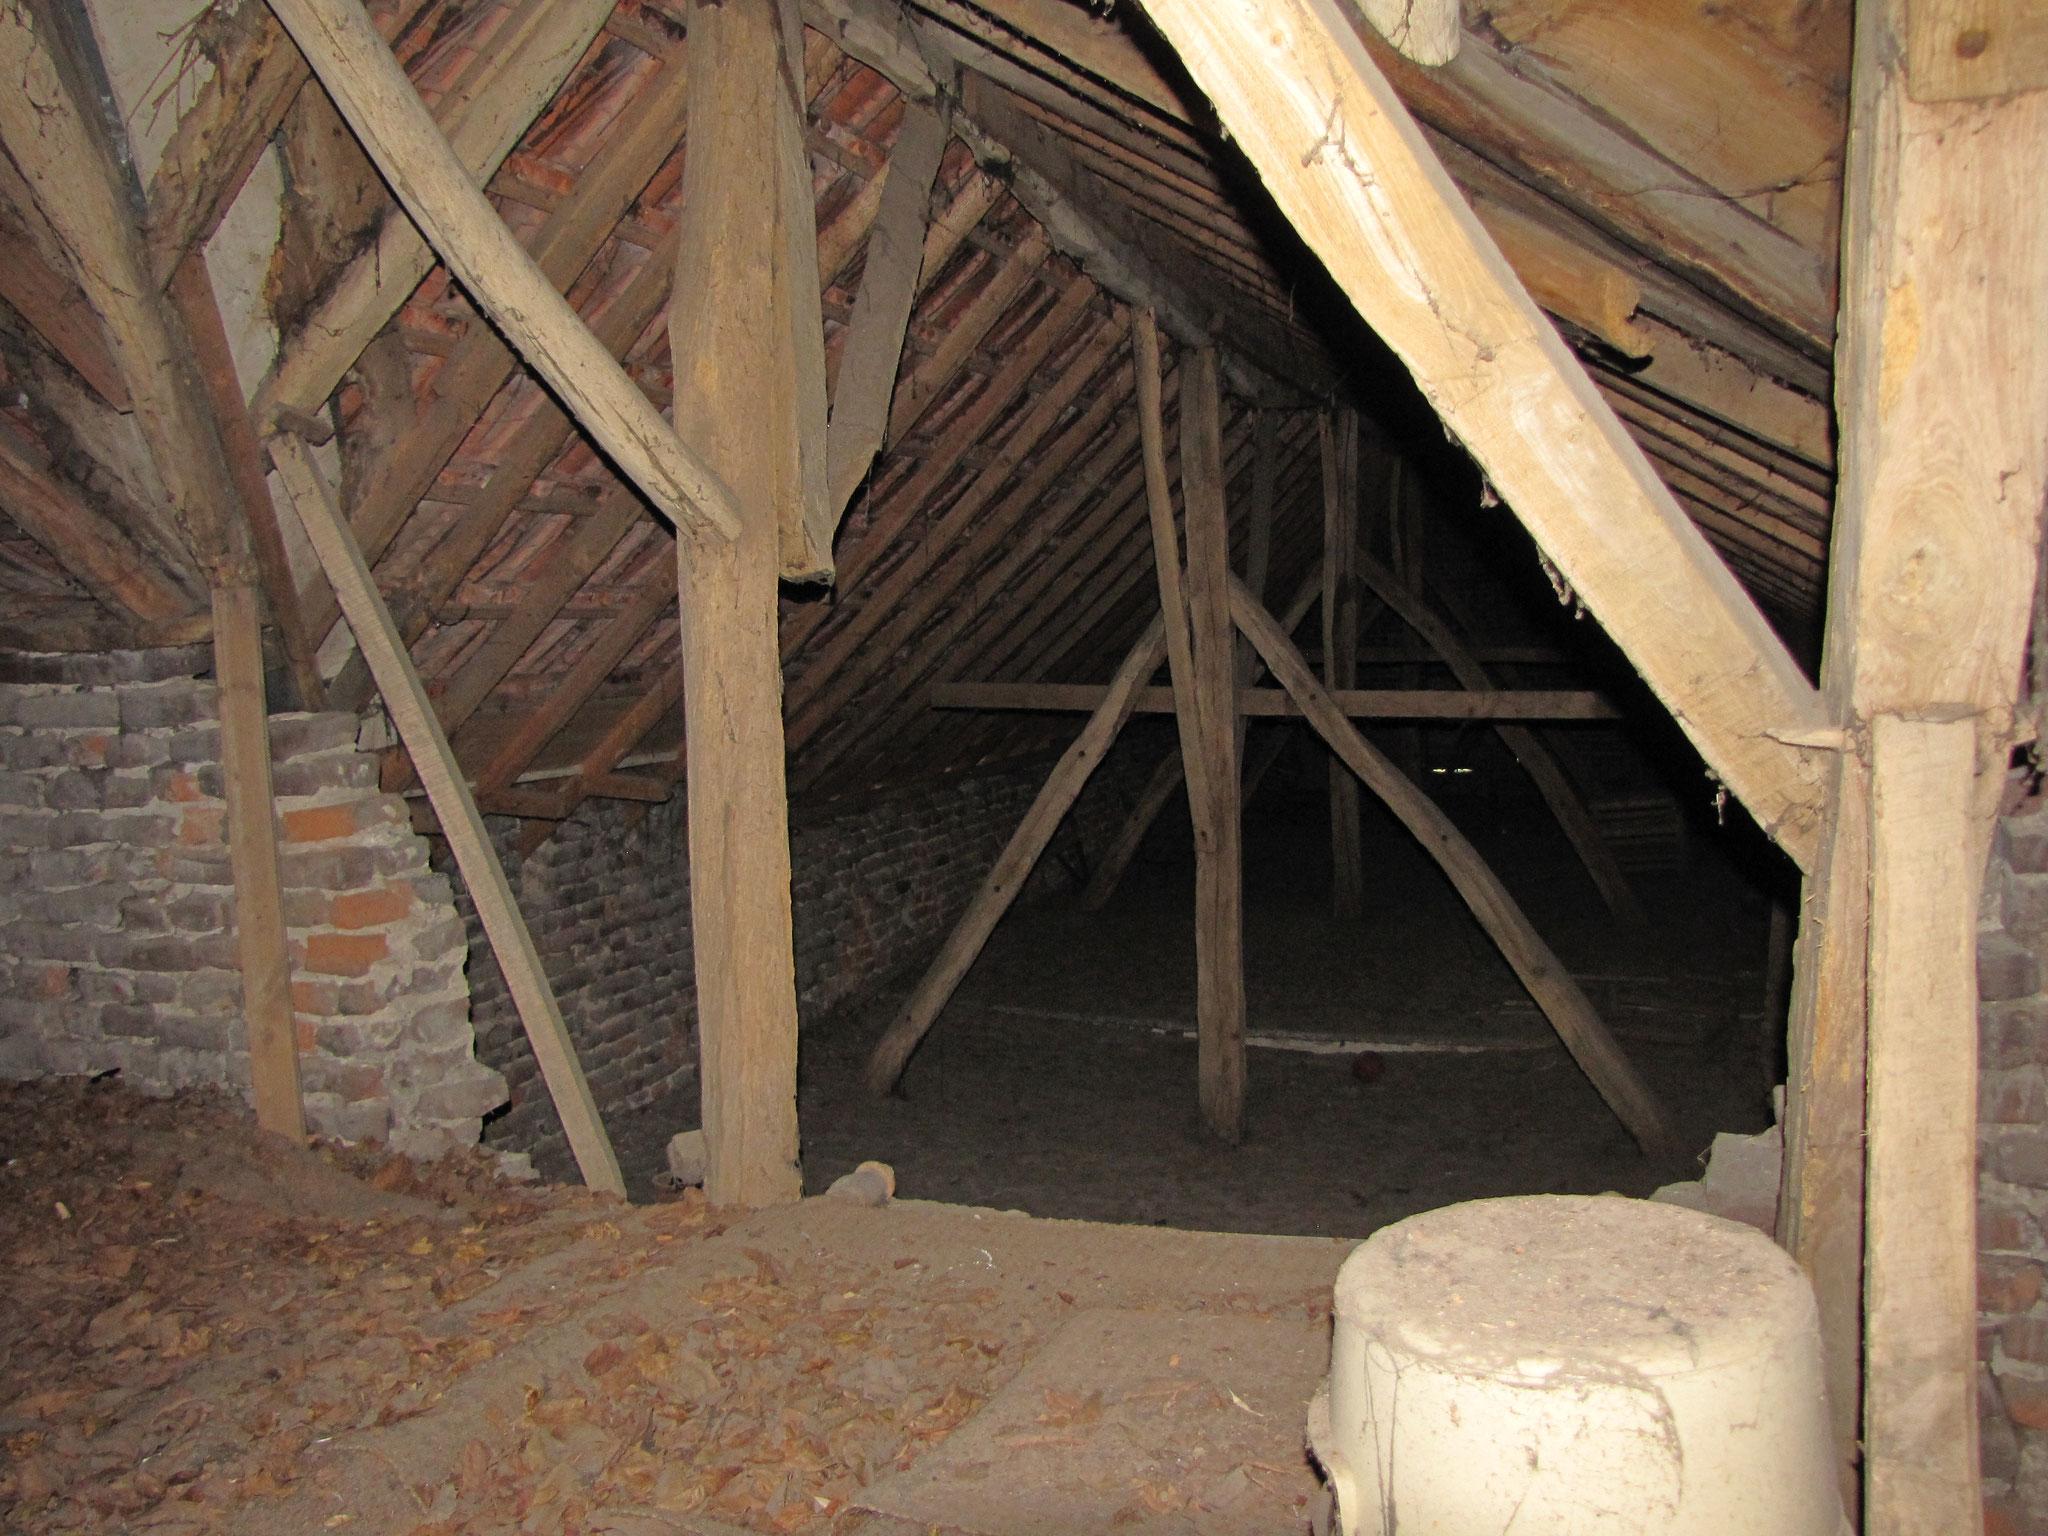 Asymmetrisch boven de stal geplaatste eiken spanten: indicatie verbreding stal.